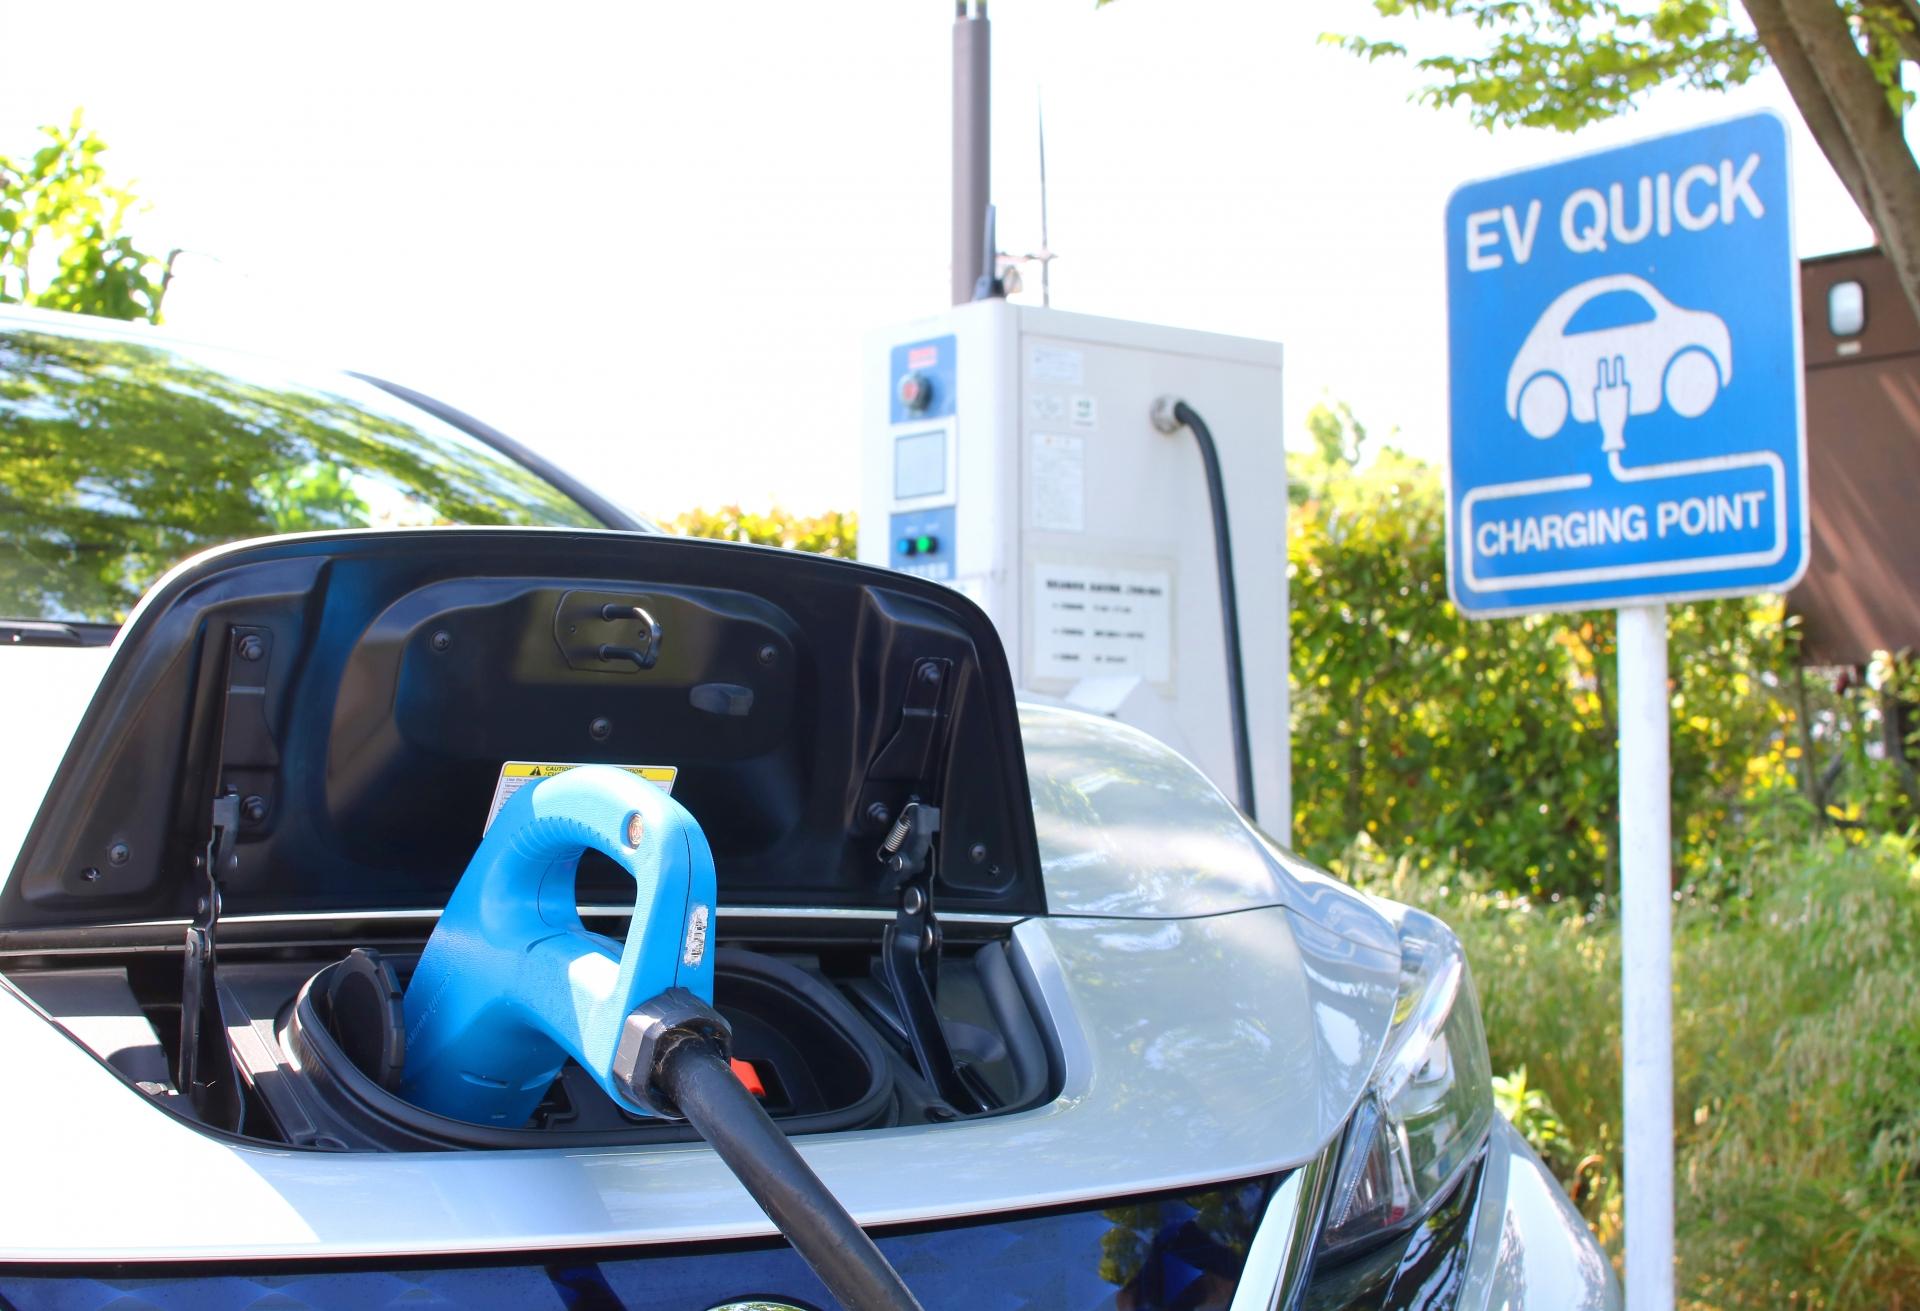 【補助金を賢く利用】Vehicle to HOME(V2H)とは?対応車種、蓄電池との違いなどわかりやすく解説!